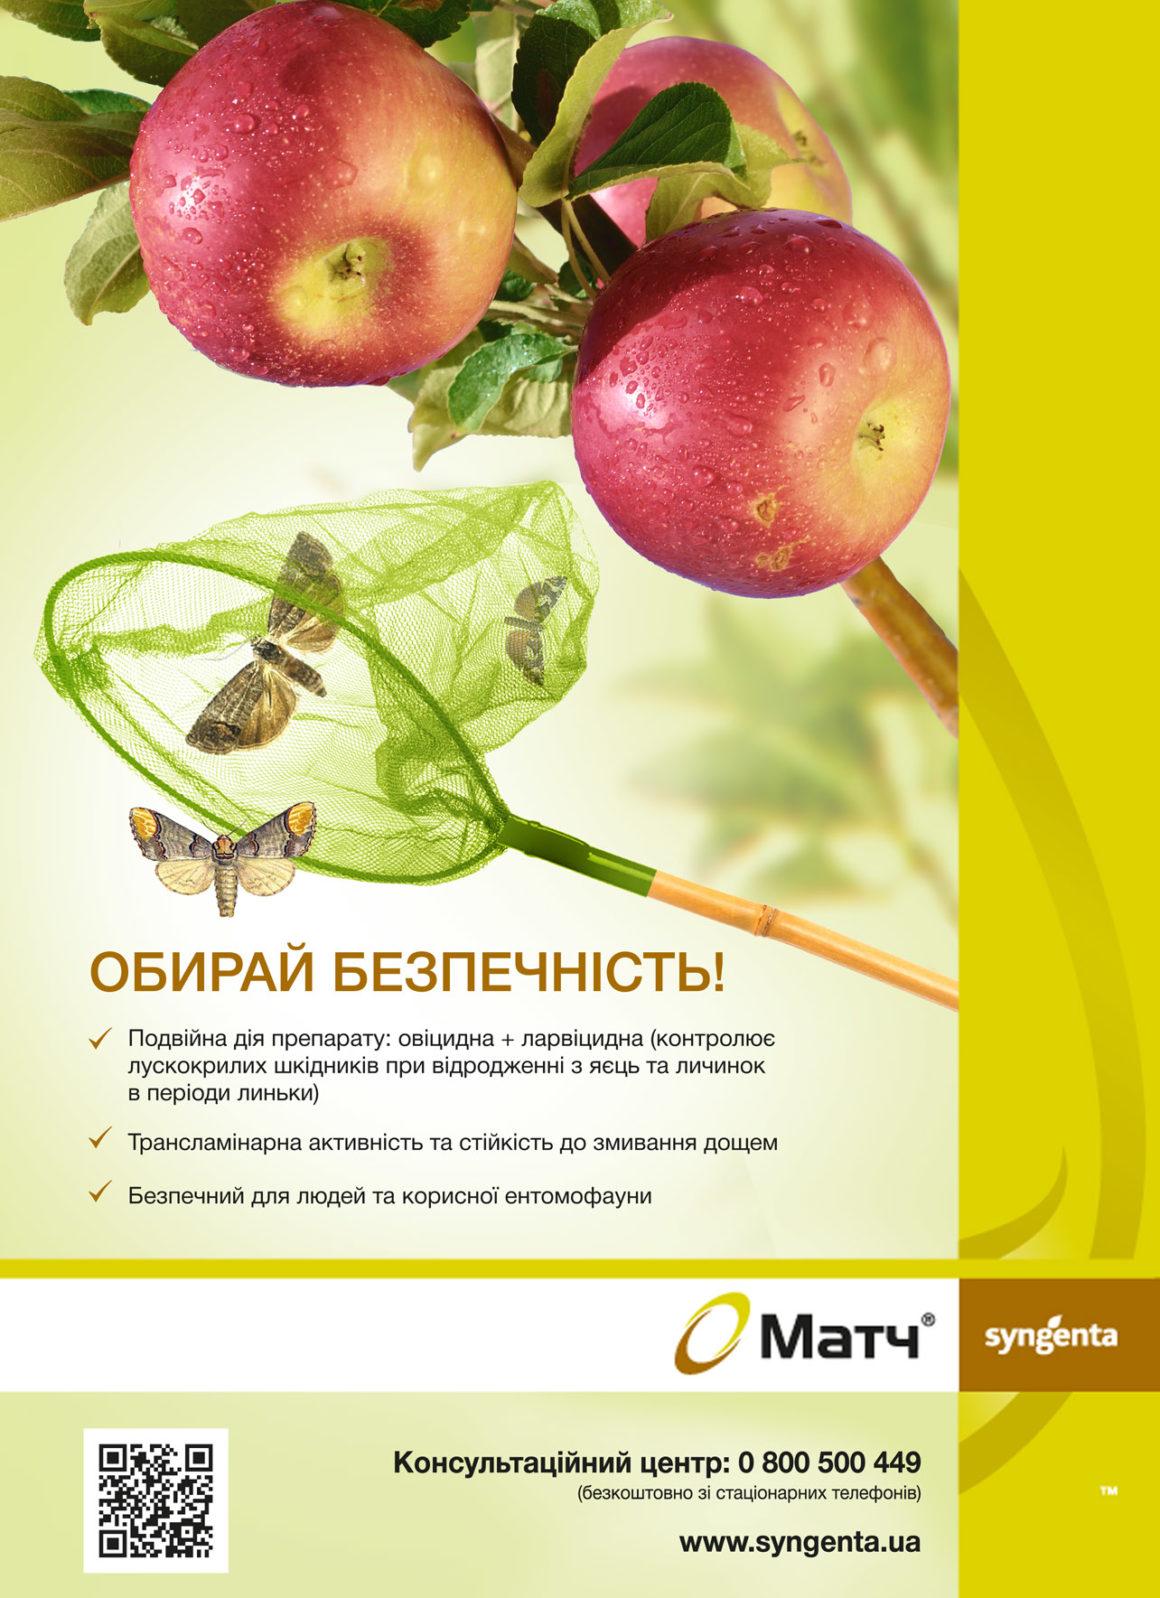 Інсектицид, призначений для захисту плодових від  шкідників